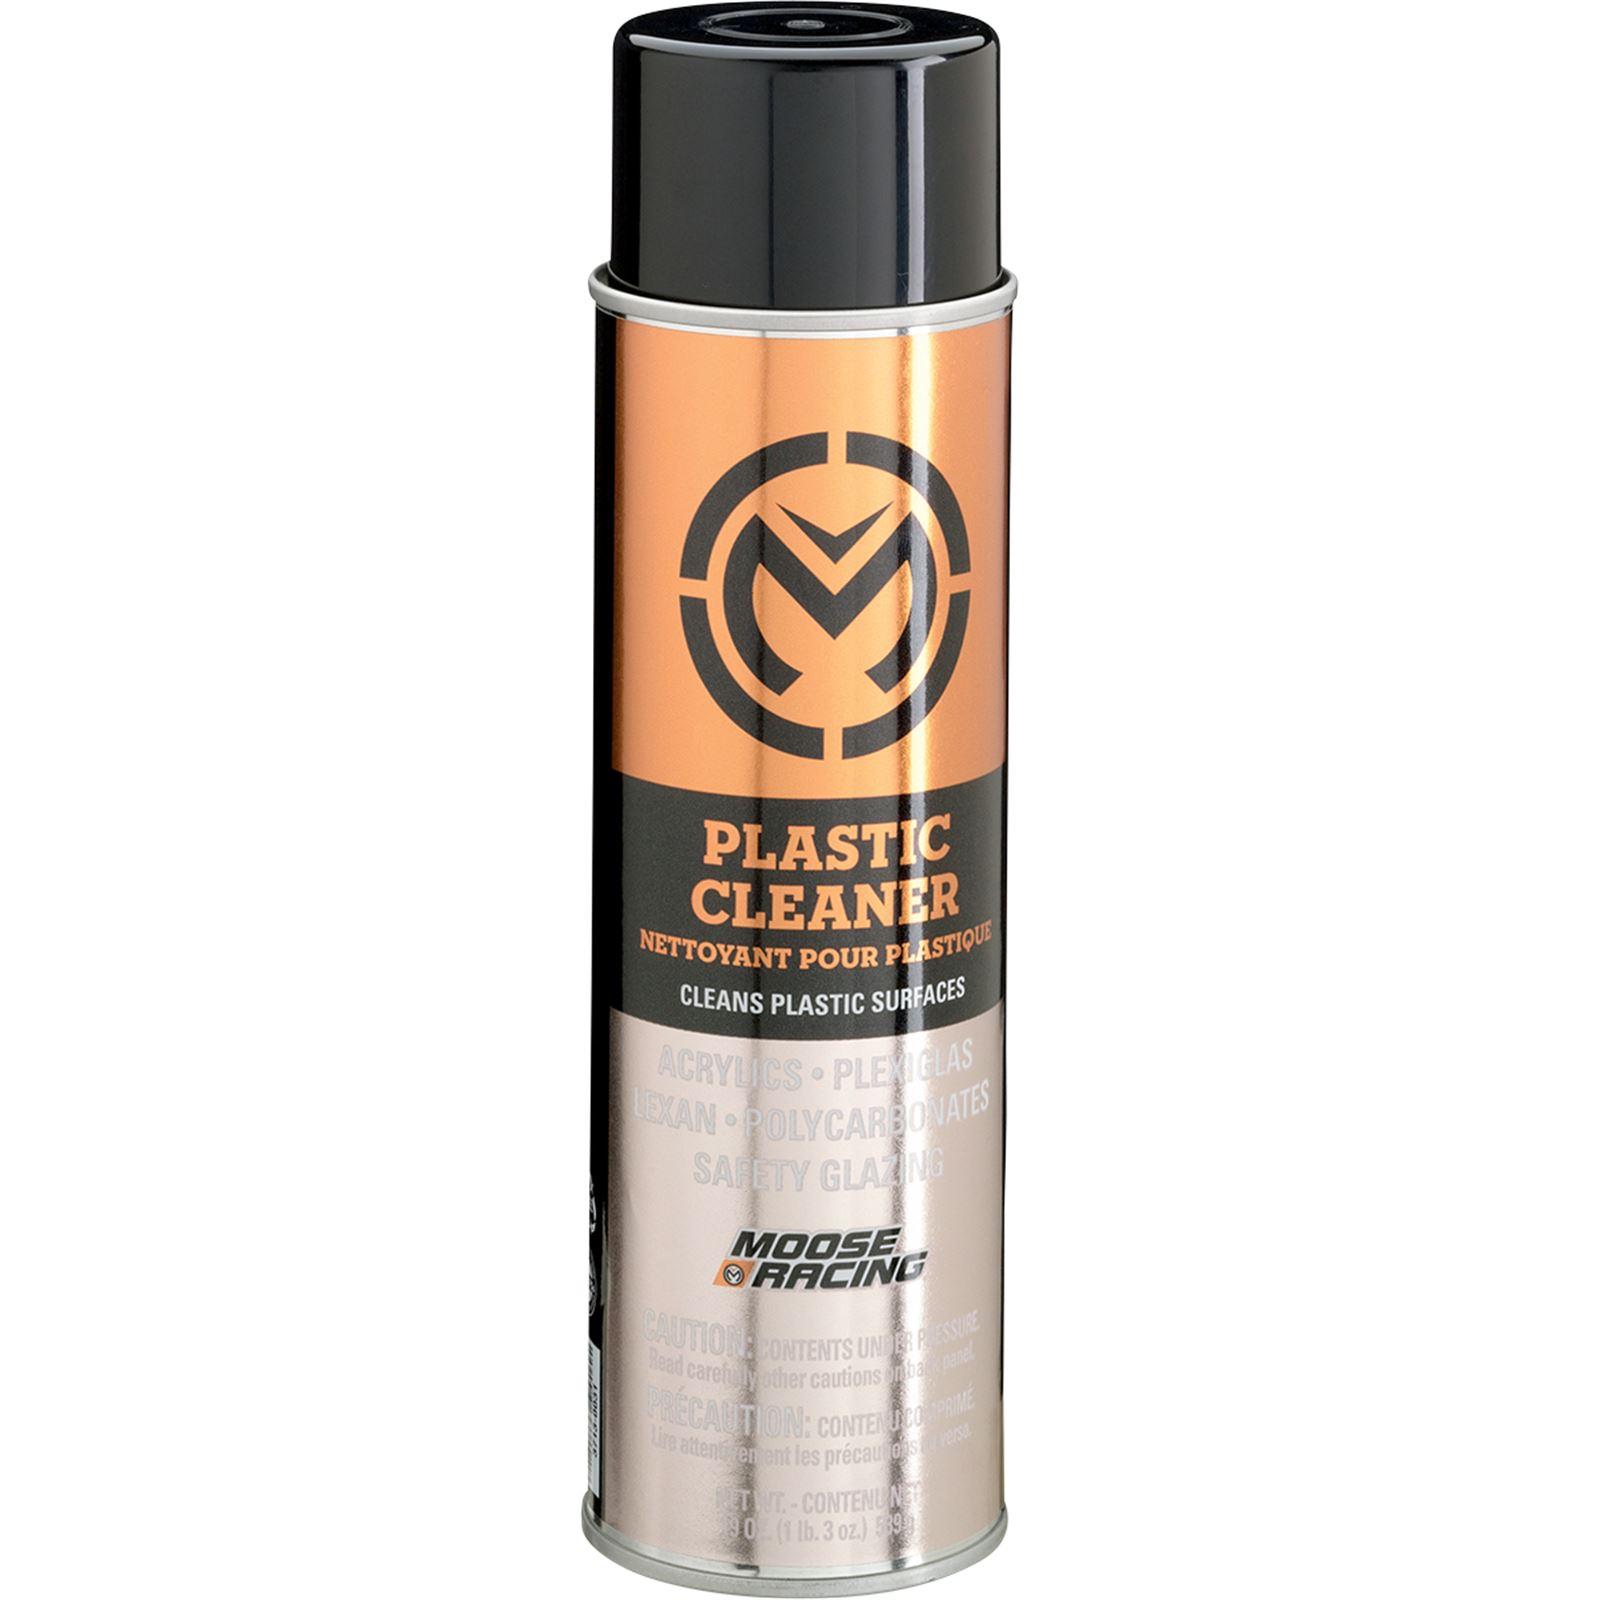 Moose Racing Plastic Cleaner - 19 oz